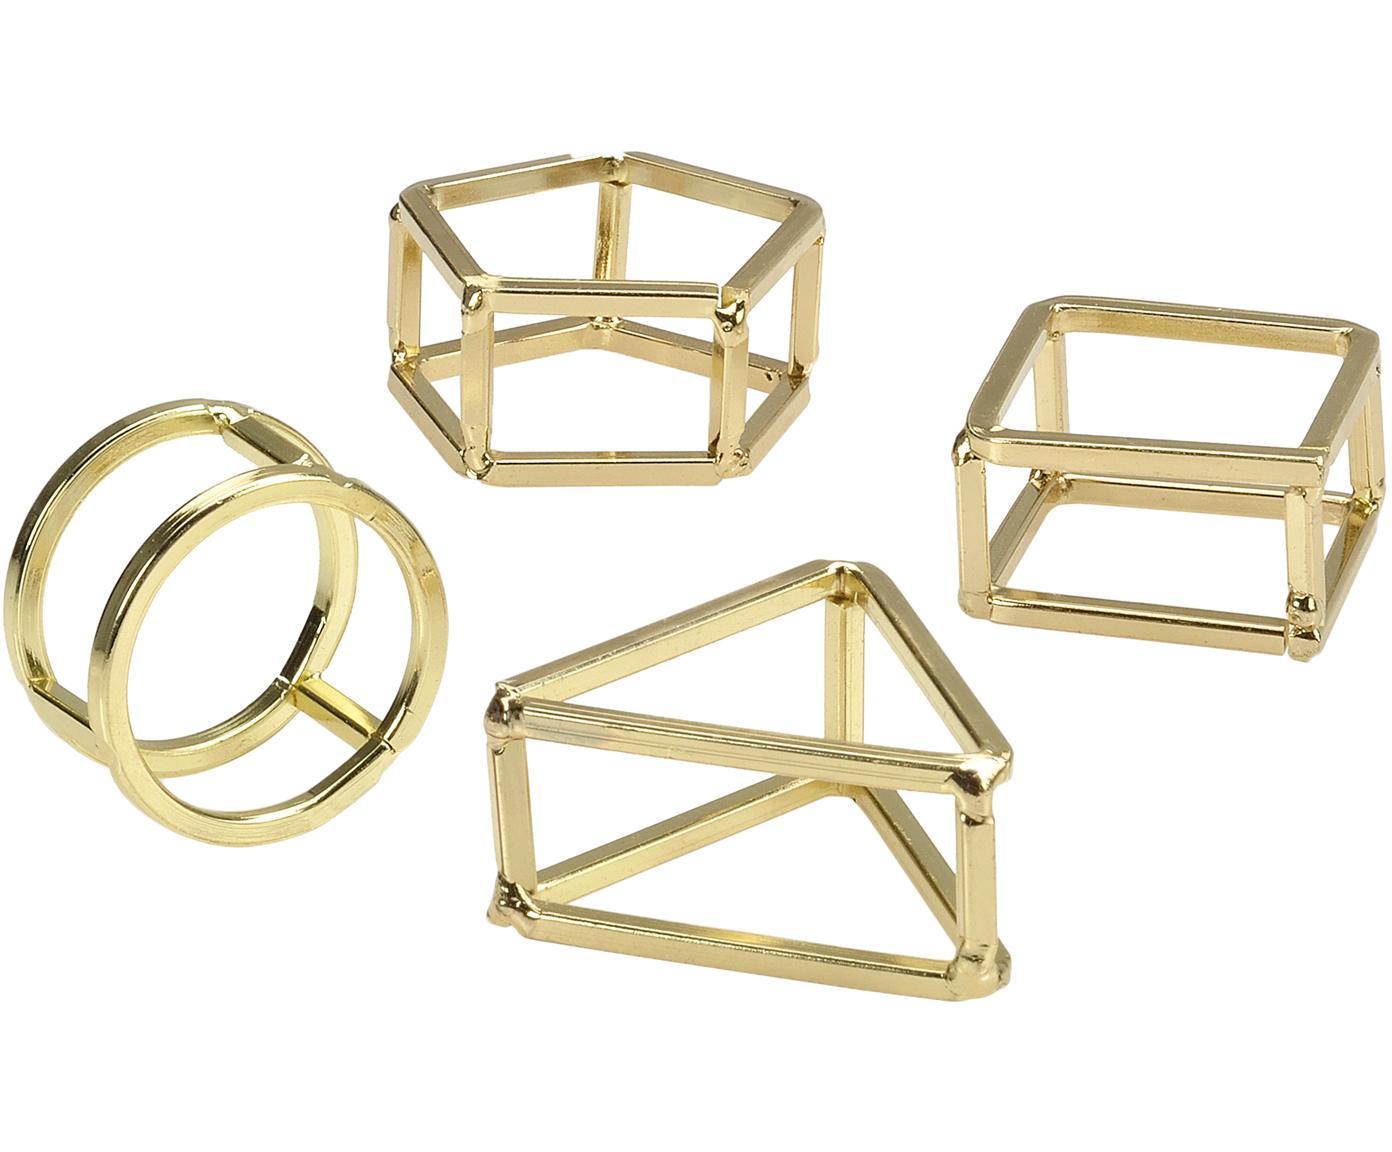 Servilleteros Mattie, 4uds., Metal, recubierto, Latón, Ancho 7 x Alto 3 cm